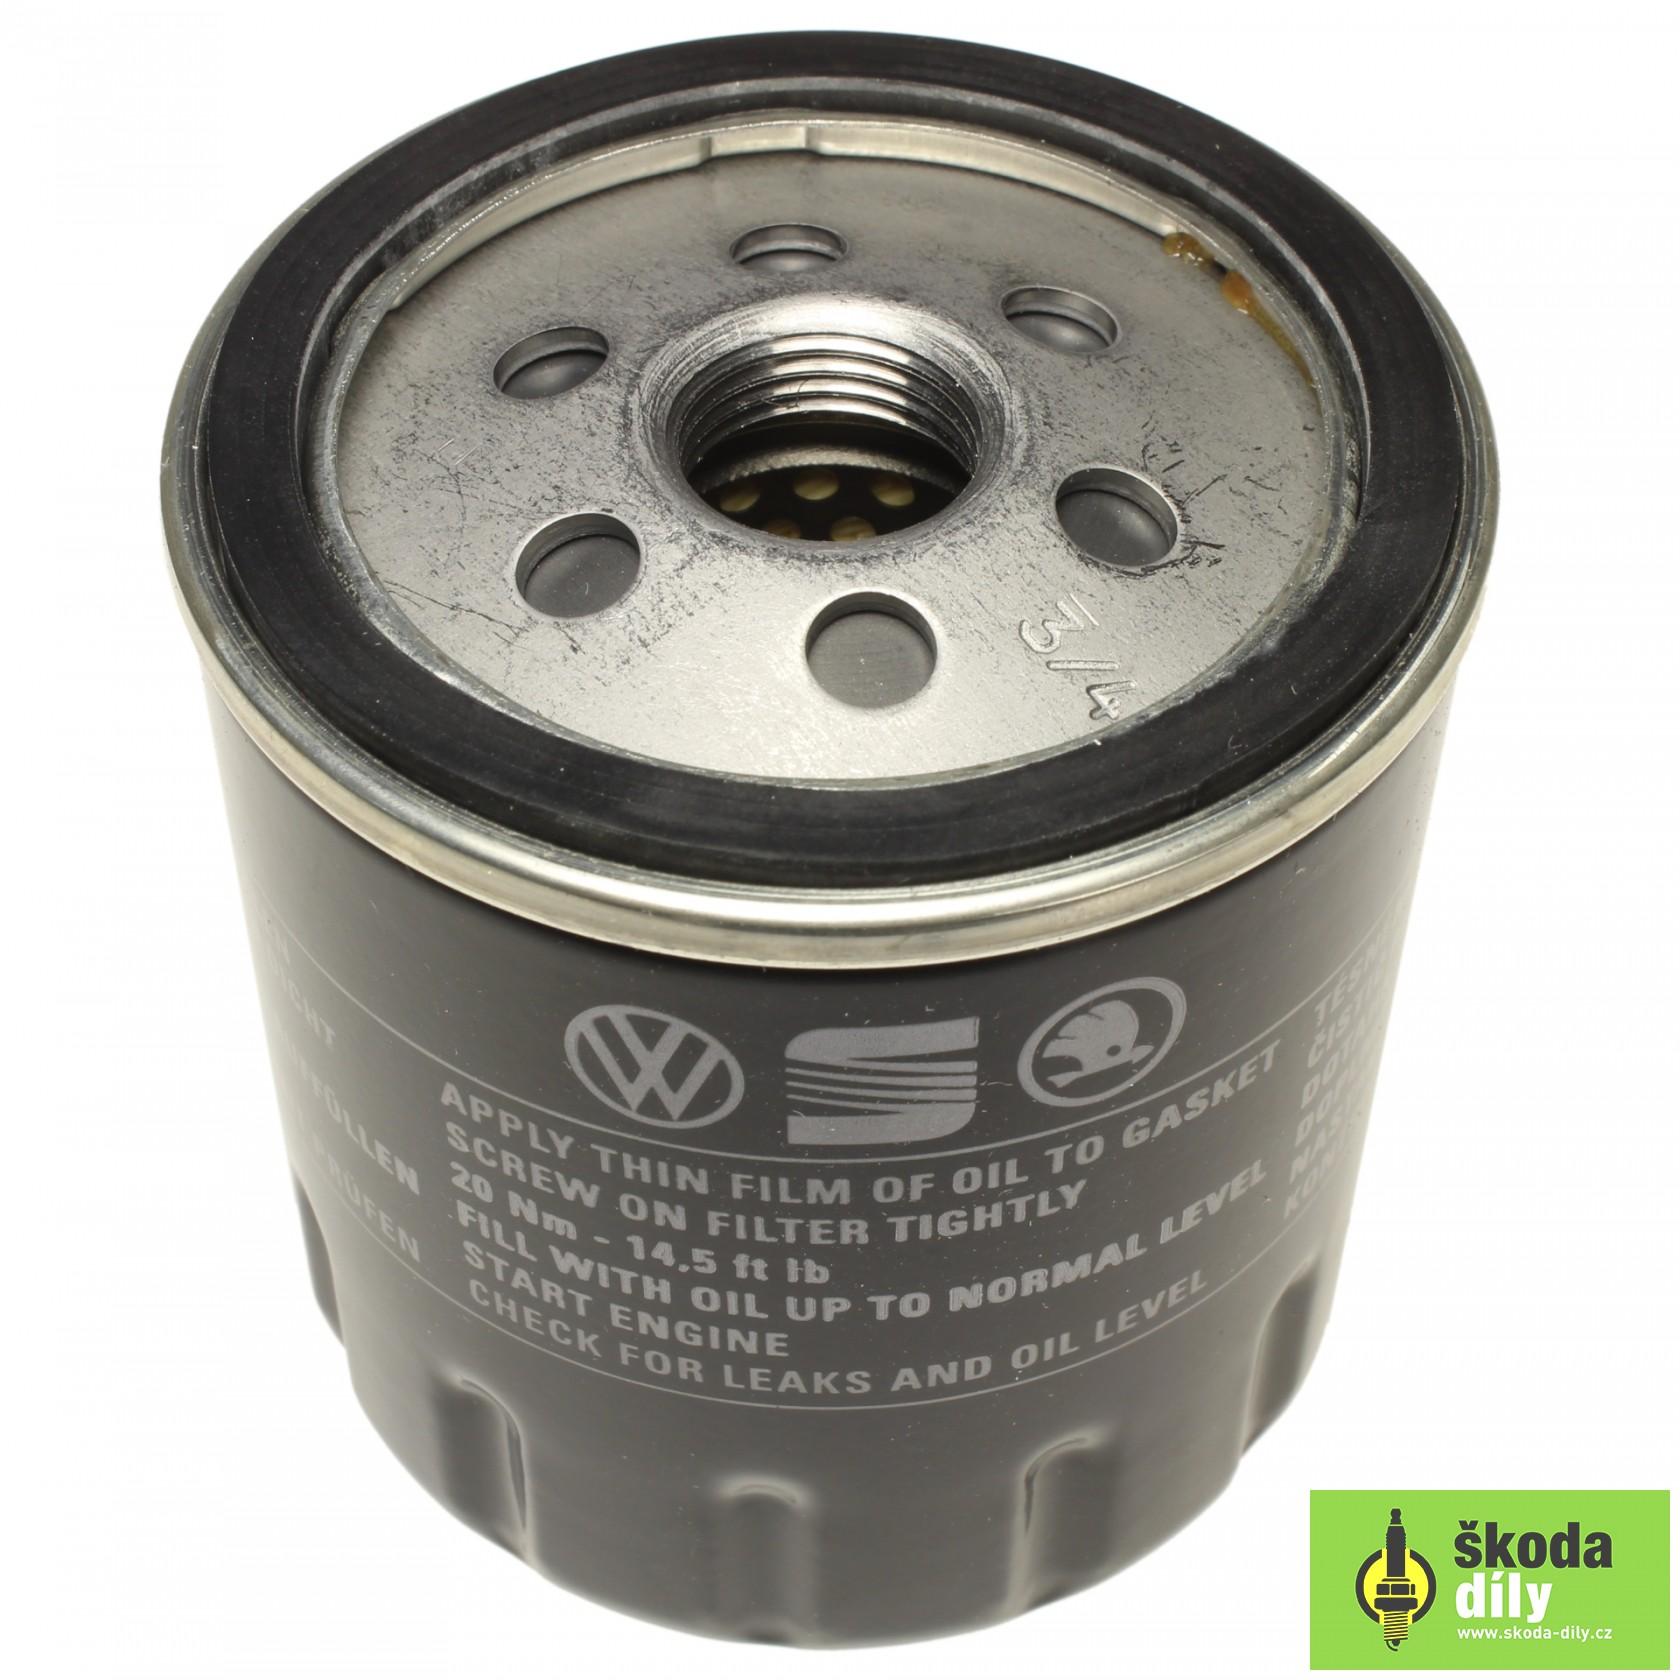 55-74kW 5x Ölfilter Bremsenreiniger Skoda Fabia 6Y 1.4 16V